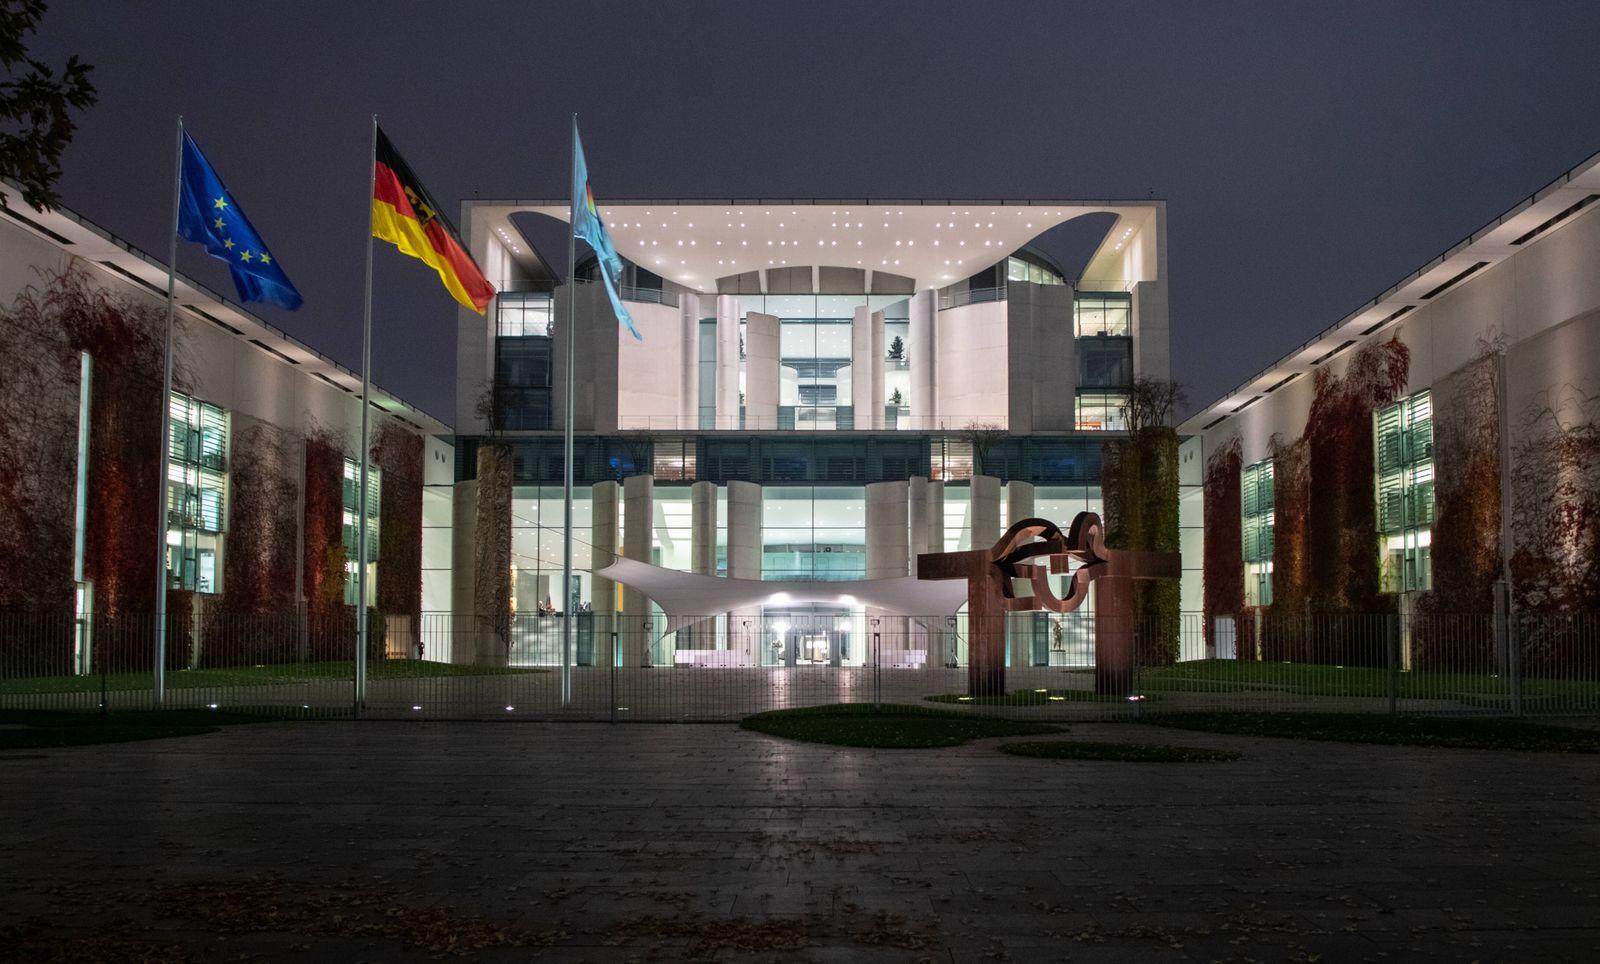 Bundeskanzleramt bei Nacht Berlin, 10.11.2020, Bundeskanzleramt beleuchtet am Abend im Herbst. Sitz der Bundeskanzlerin